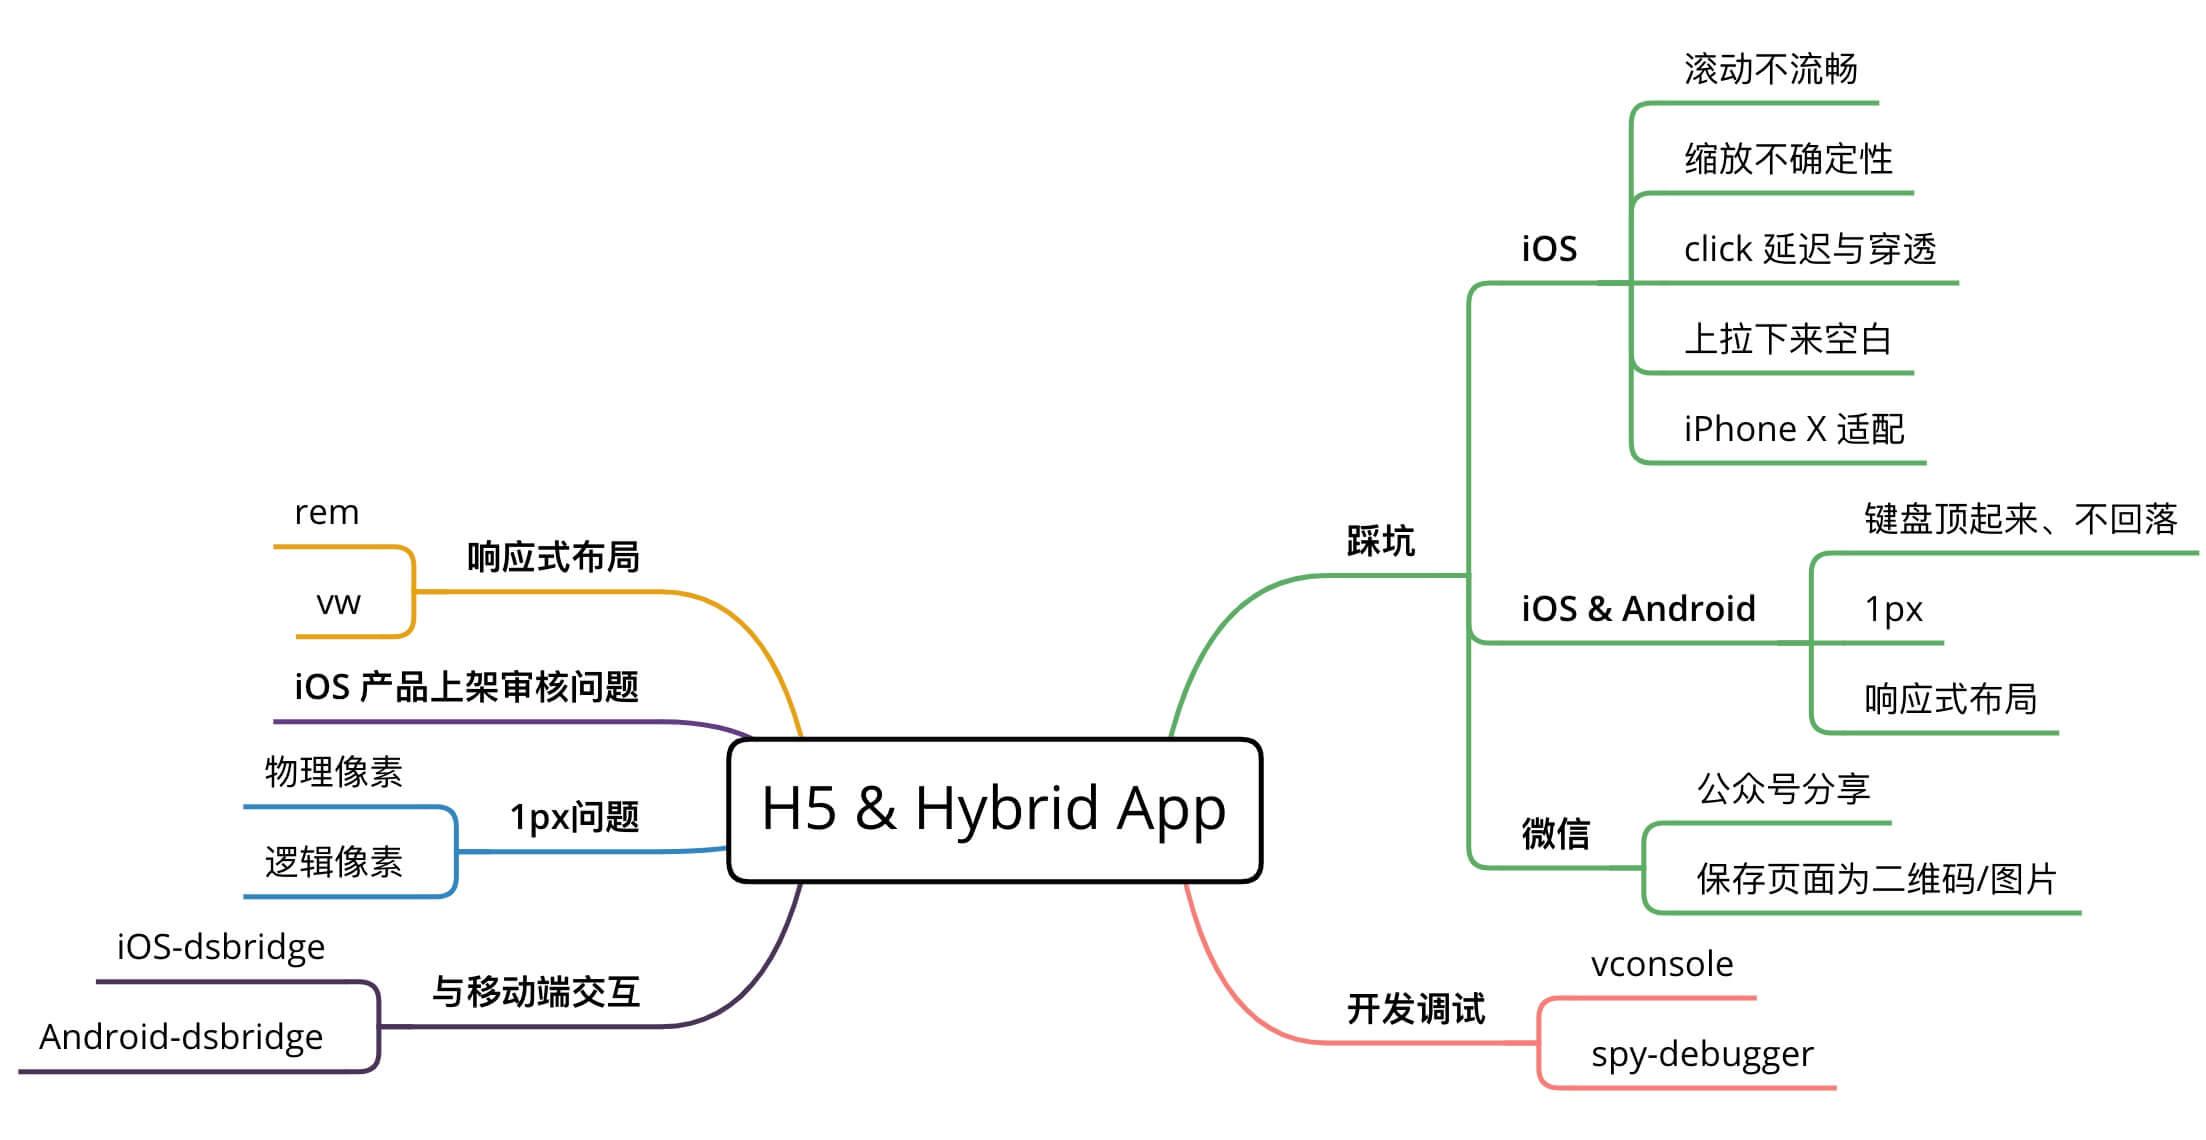 吃透移动端 H5 与 hybrid(12个前端必会 H5 问题及解决方法)